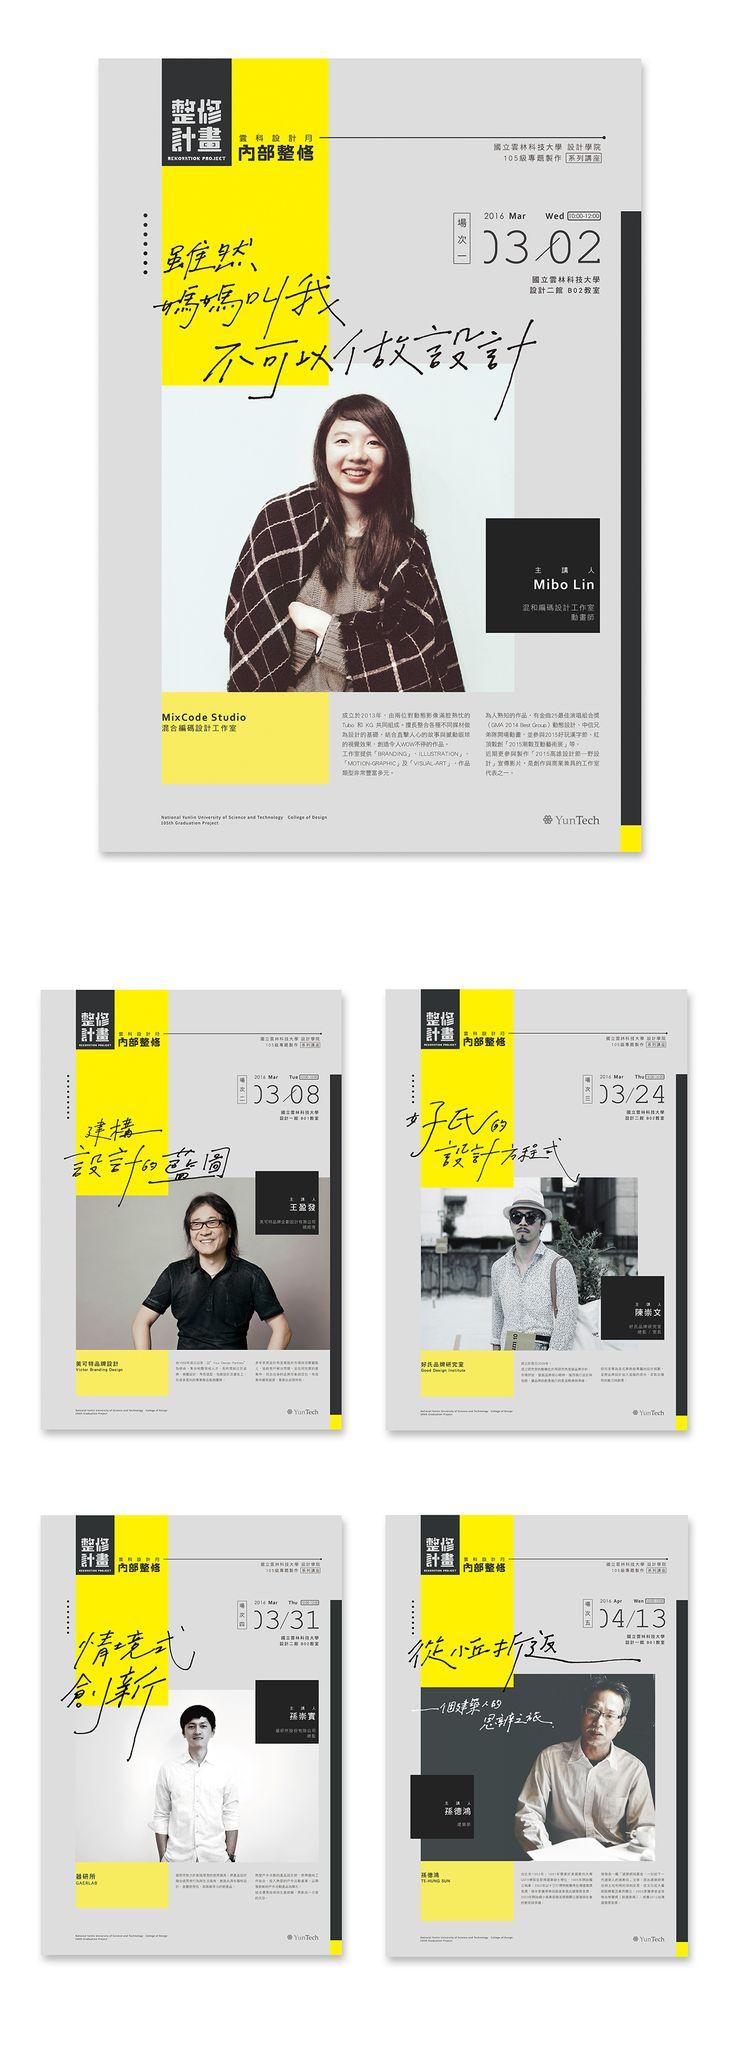 內部整修 - 系列講座 │ Poster Design for Design Lectures on Behance